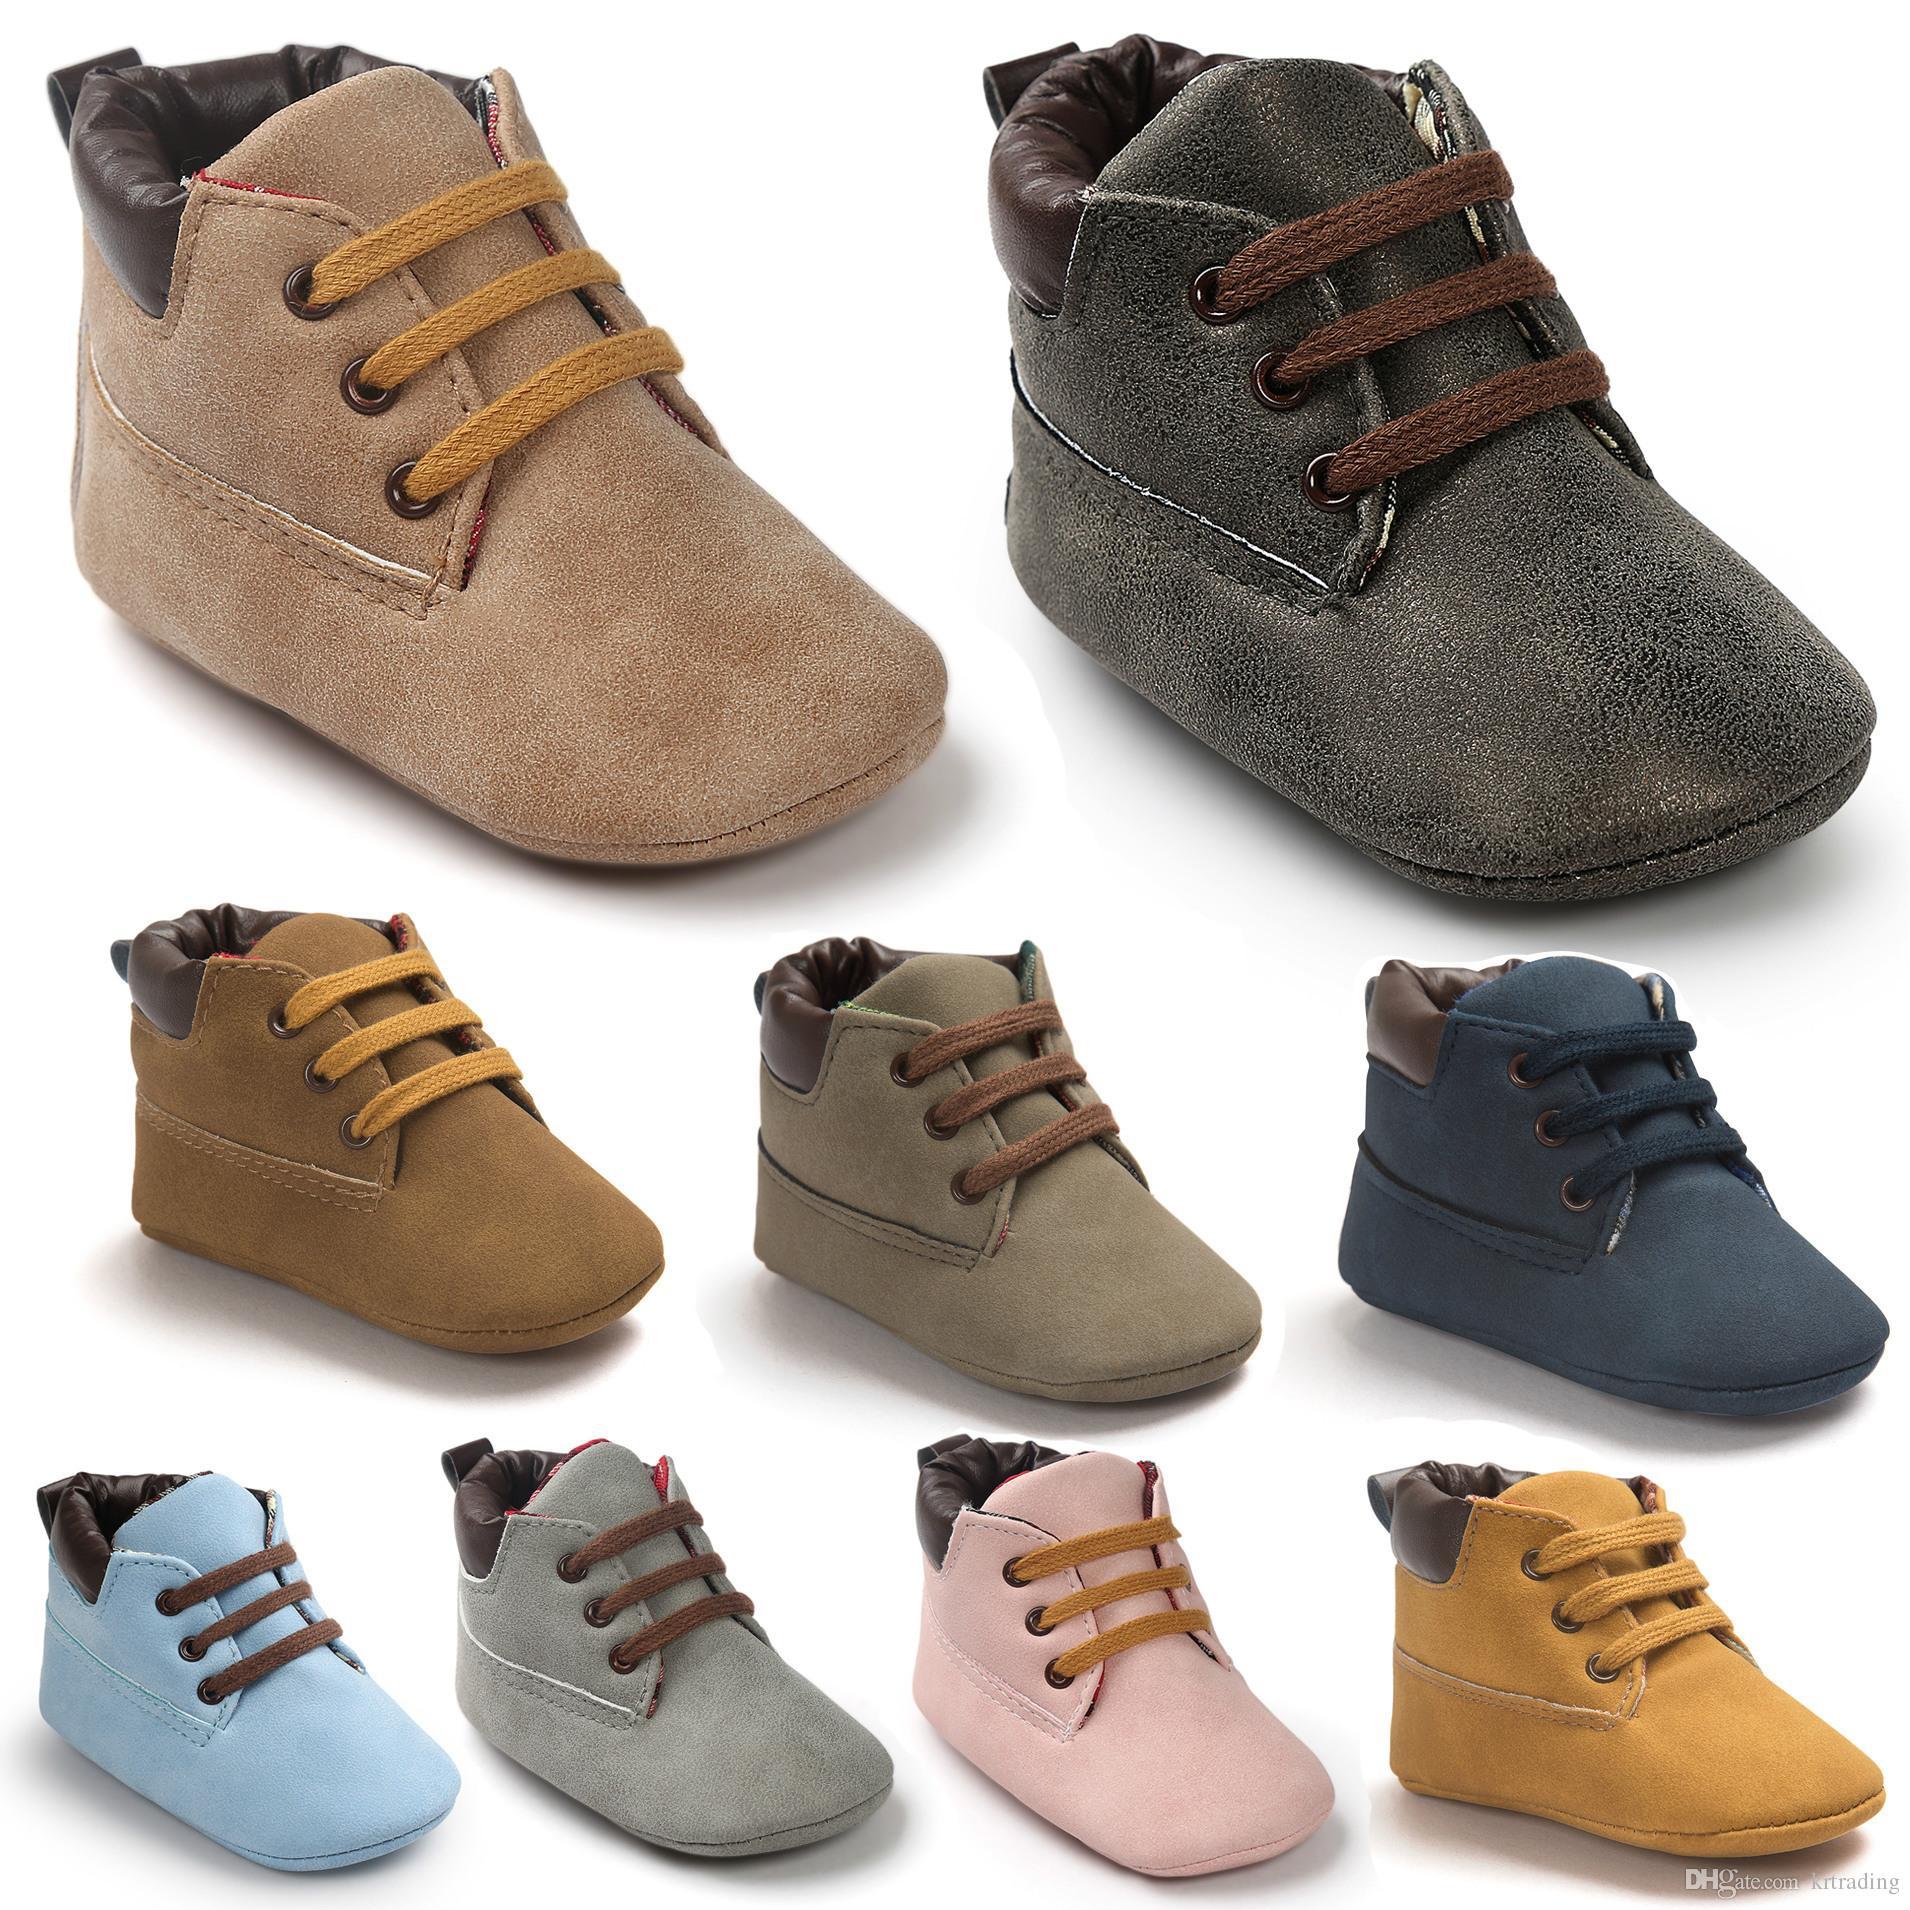 e8450abda5a0b Acheter Baby Soft Sole Lace Up Bottines Bébés Pu Heudauo Chaussures De  Loisirs Bébé Premier Walker Chaussures Chaudes Toddler Chaussures Infant  Winter Boots ...